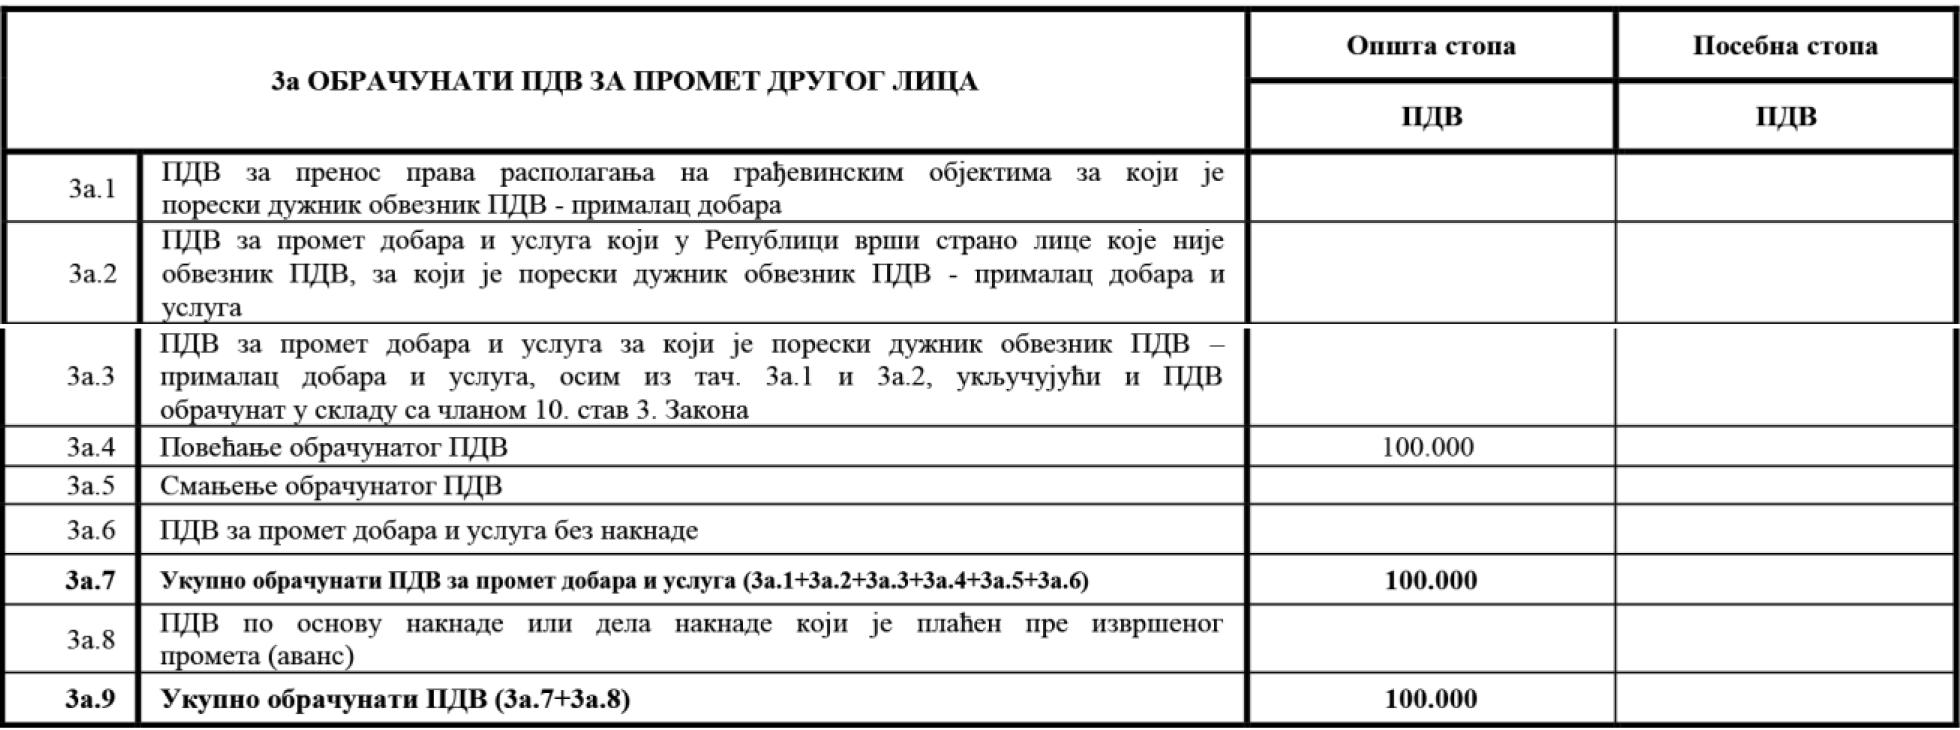 uputstvo PU obrazac POPDV primer 73